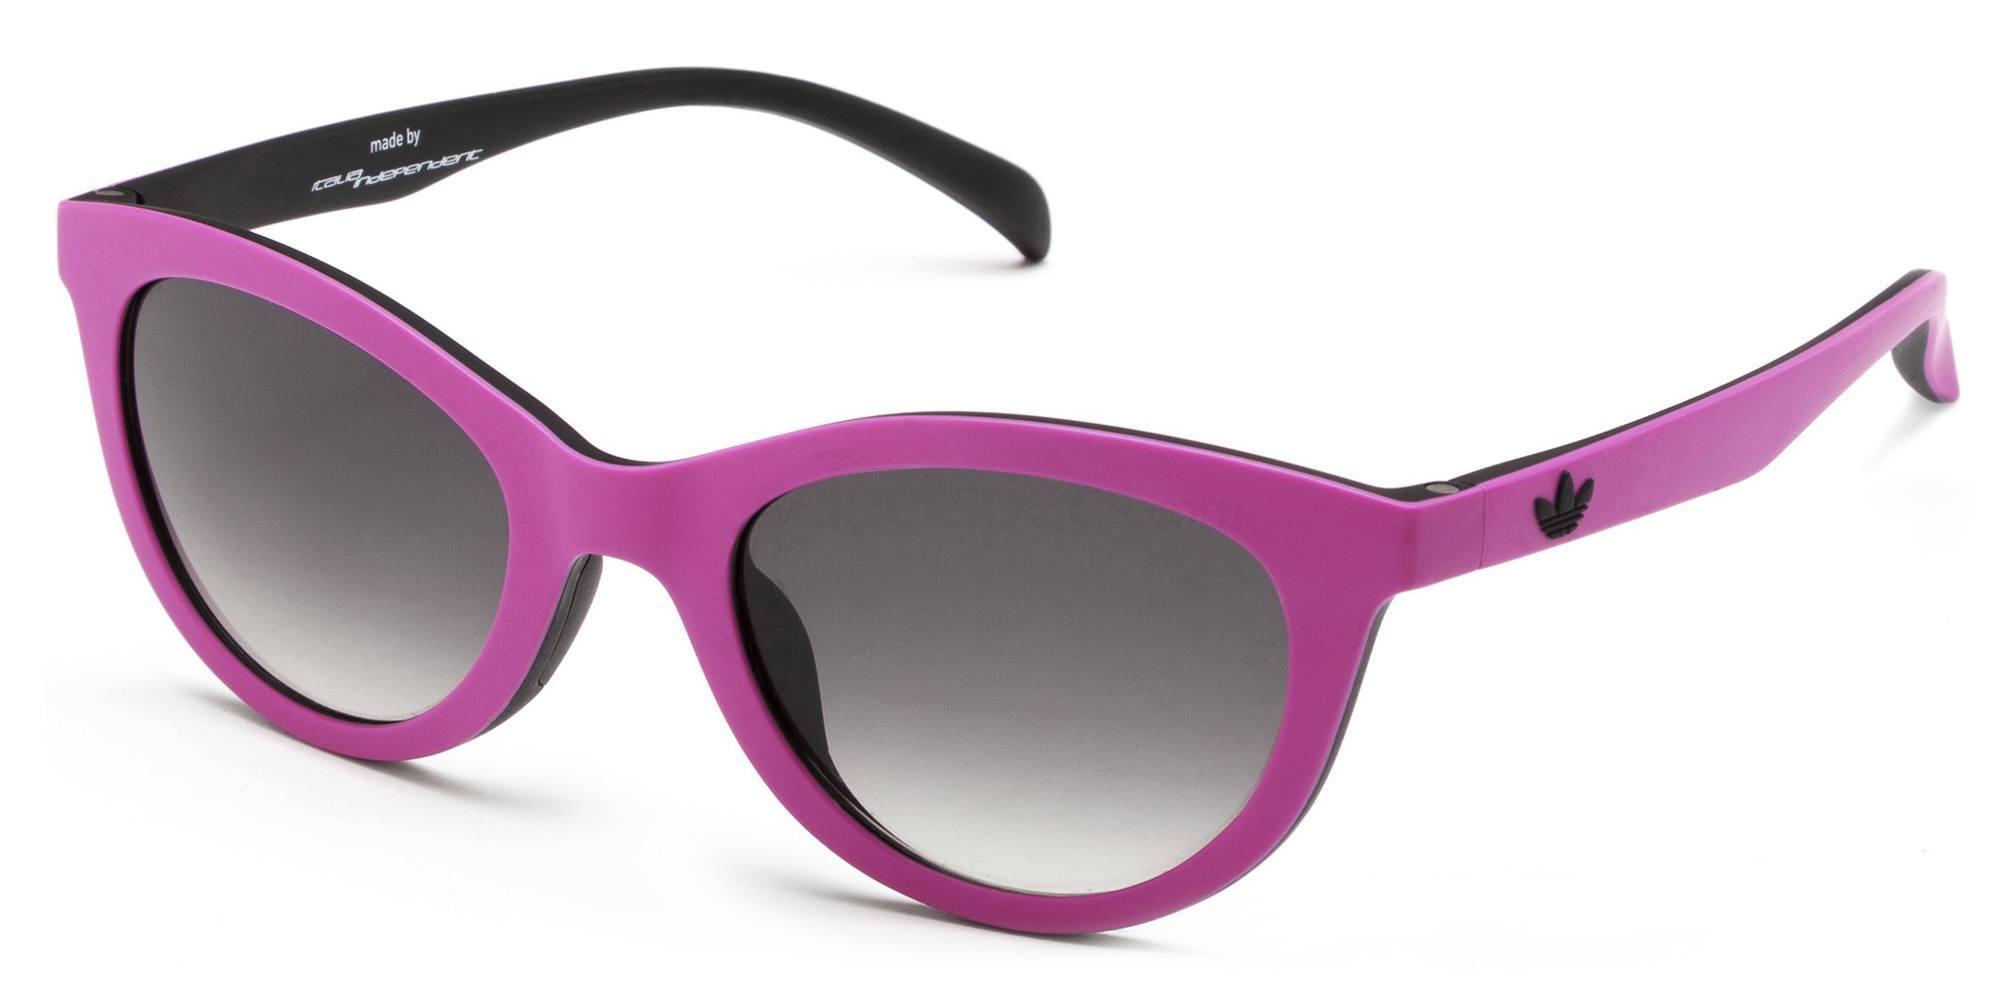 018.009 AOR014 Sunglasses, Adidas Originals